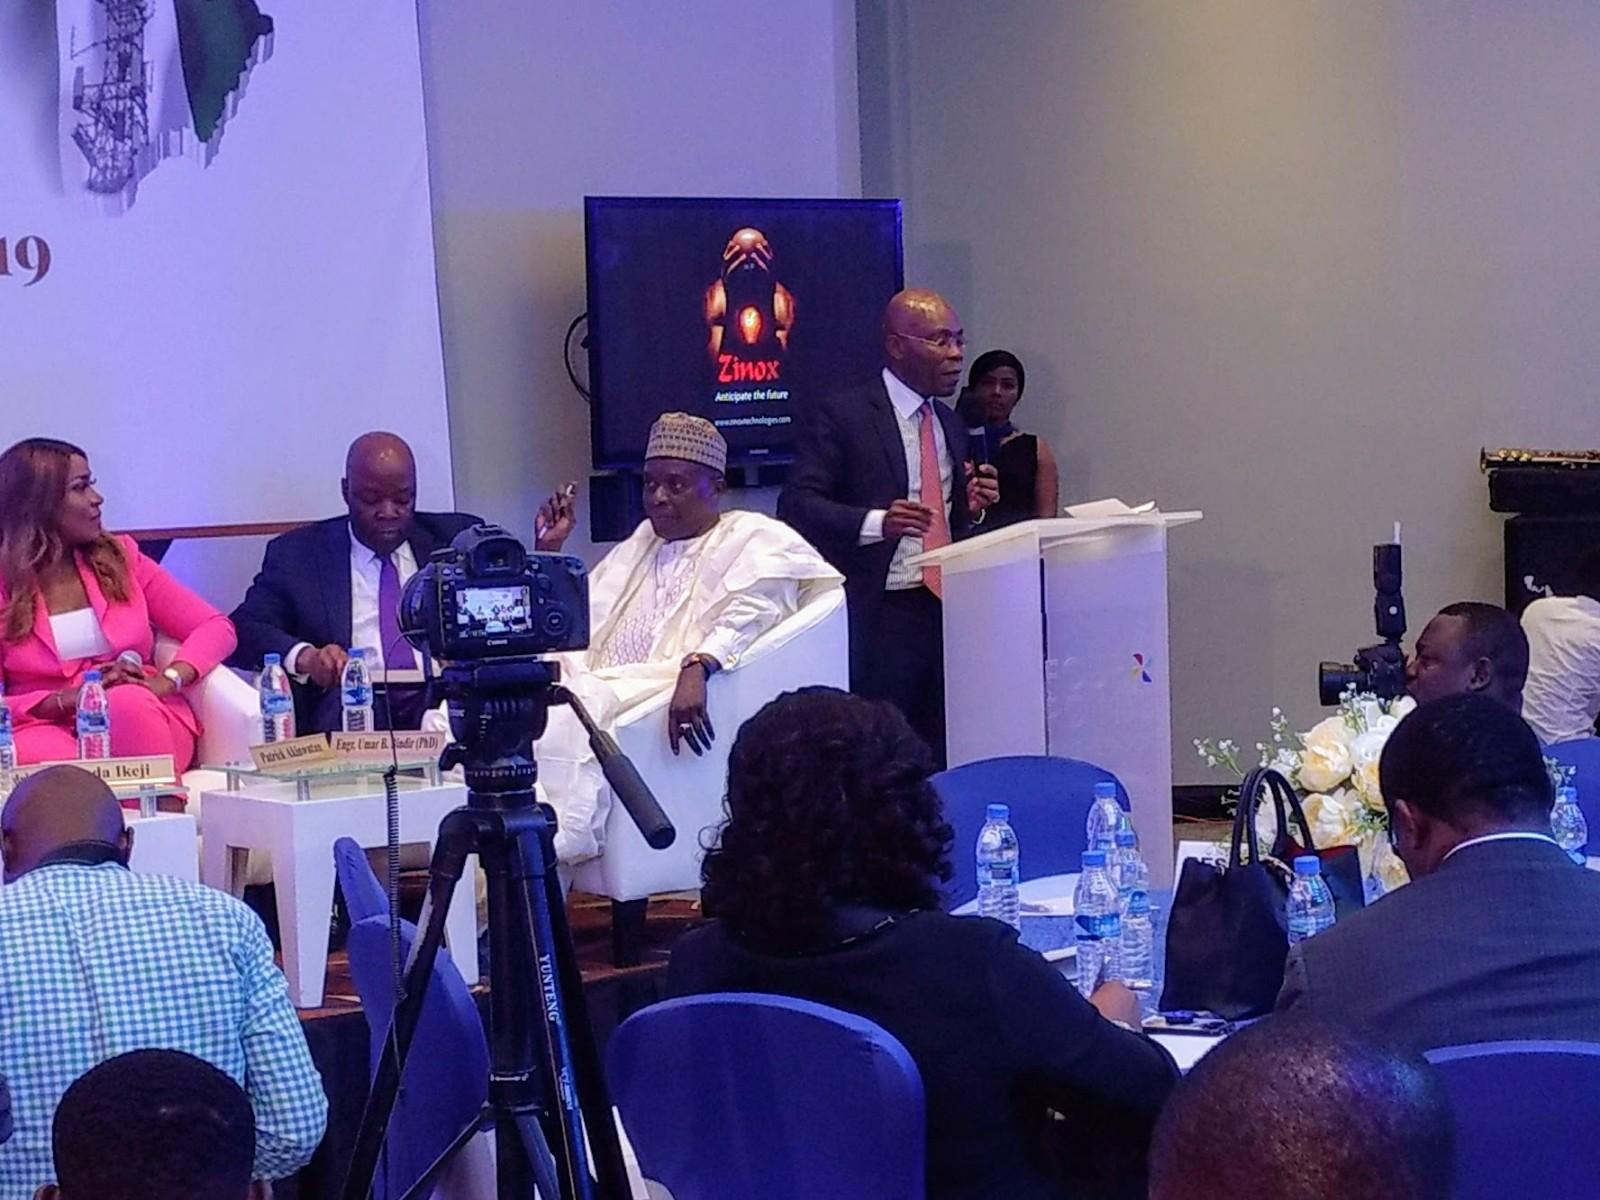 Only Technology Will Change The Nigeria Story – Zinox Boss, Ekeh